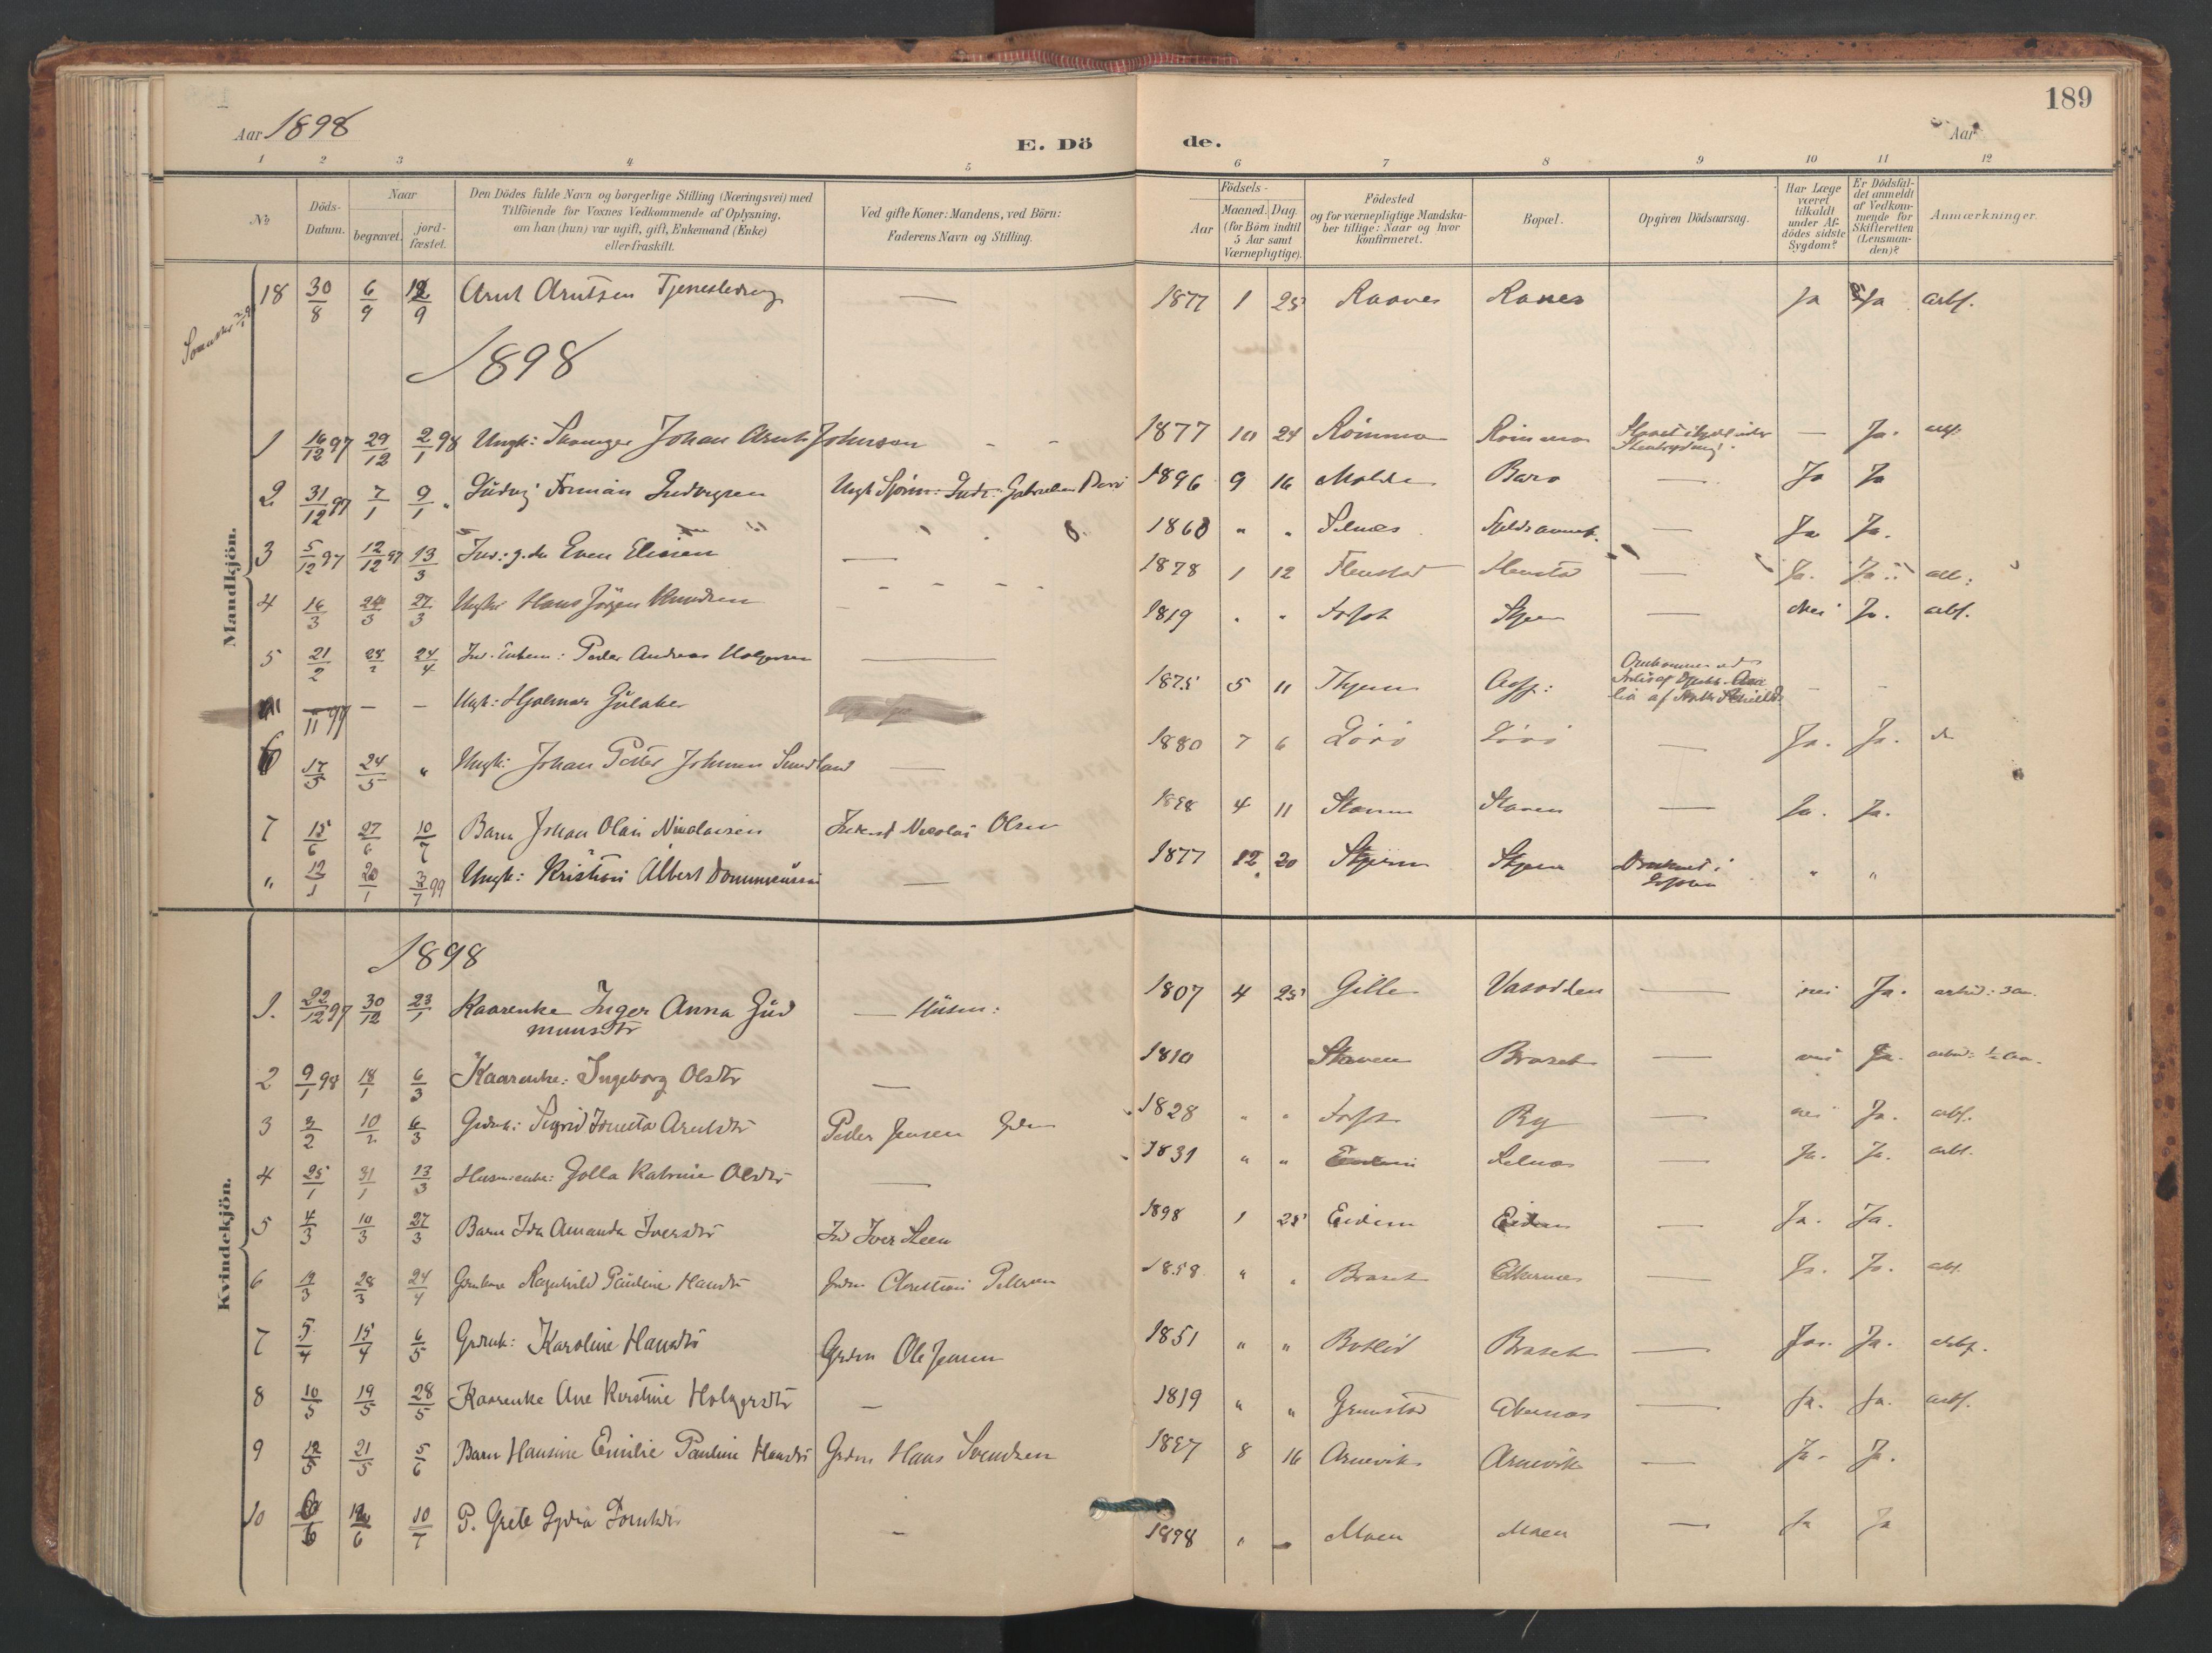 SAT, Ministerialprotokoller, klokkerbøker og fødselsregistre - Sør-Trøndelag, 655/L0681: Ministerialbok nr. 655A10, 1895-1907, s. 189